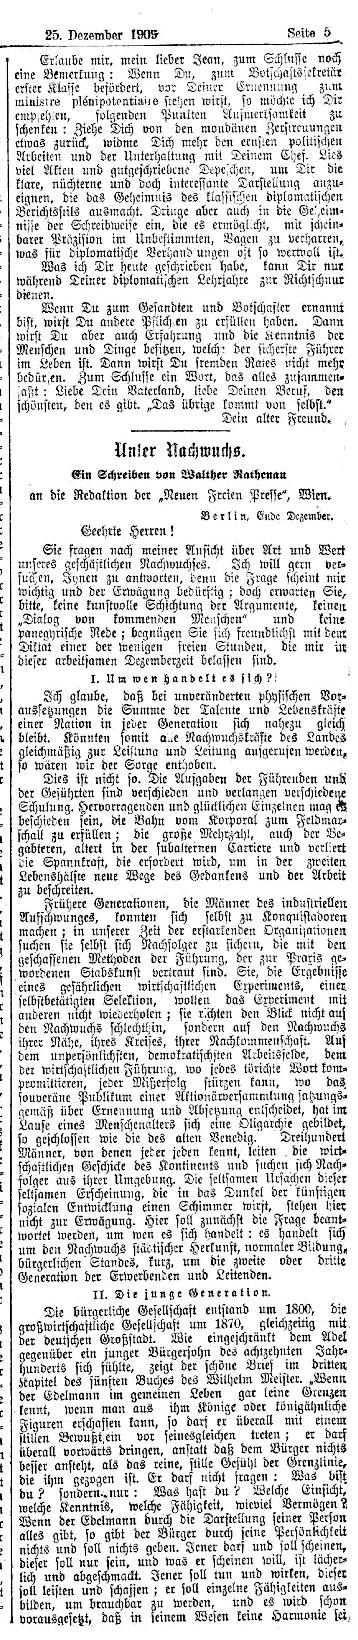 Neue_Freie_Presse_Wien_25_12_1909.jpg